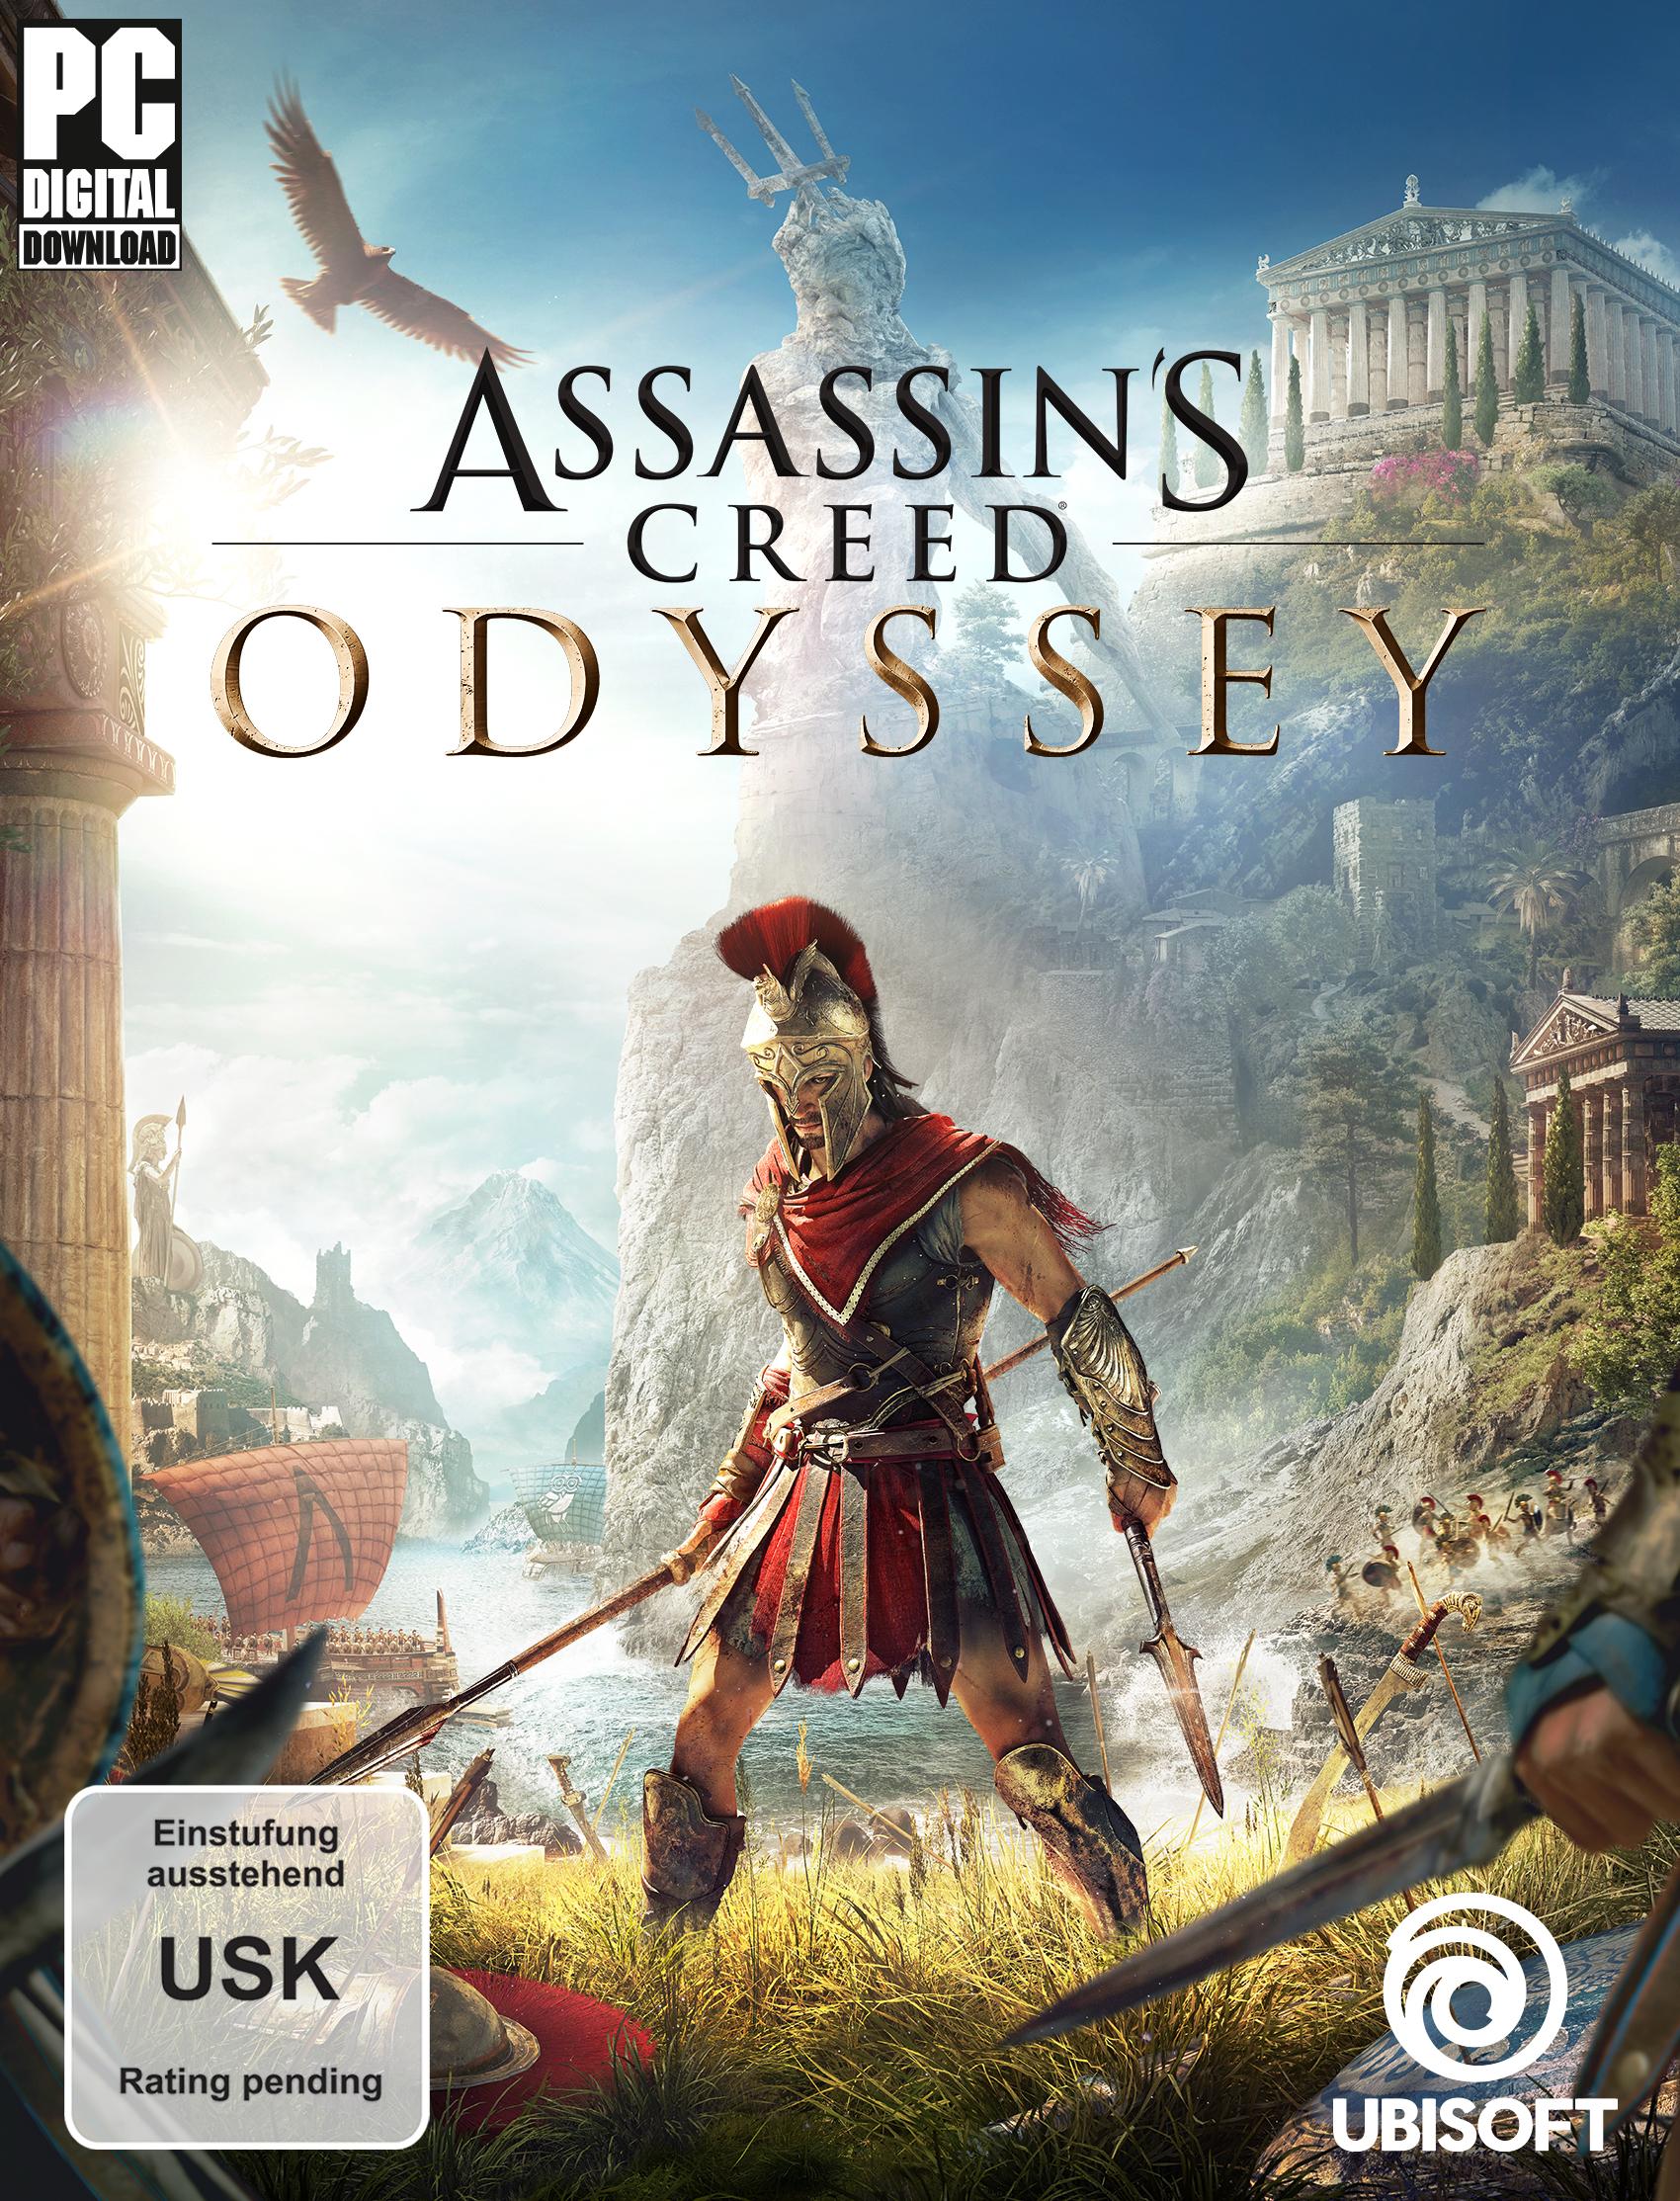 Assassin's Creed Odyssey na PC za 16,96 zł w Amazon DE z okazji Amazon Prime Day 2020